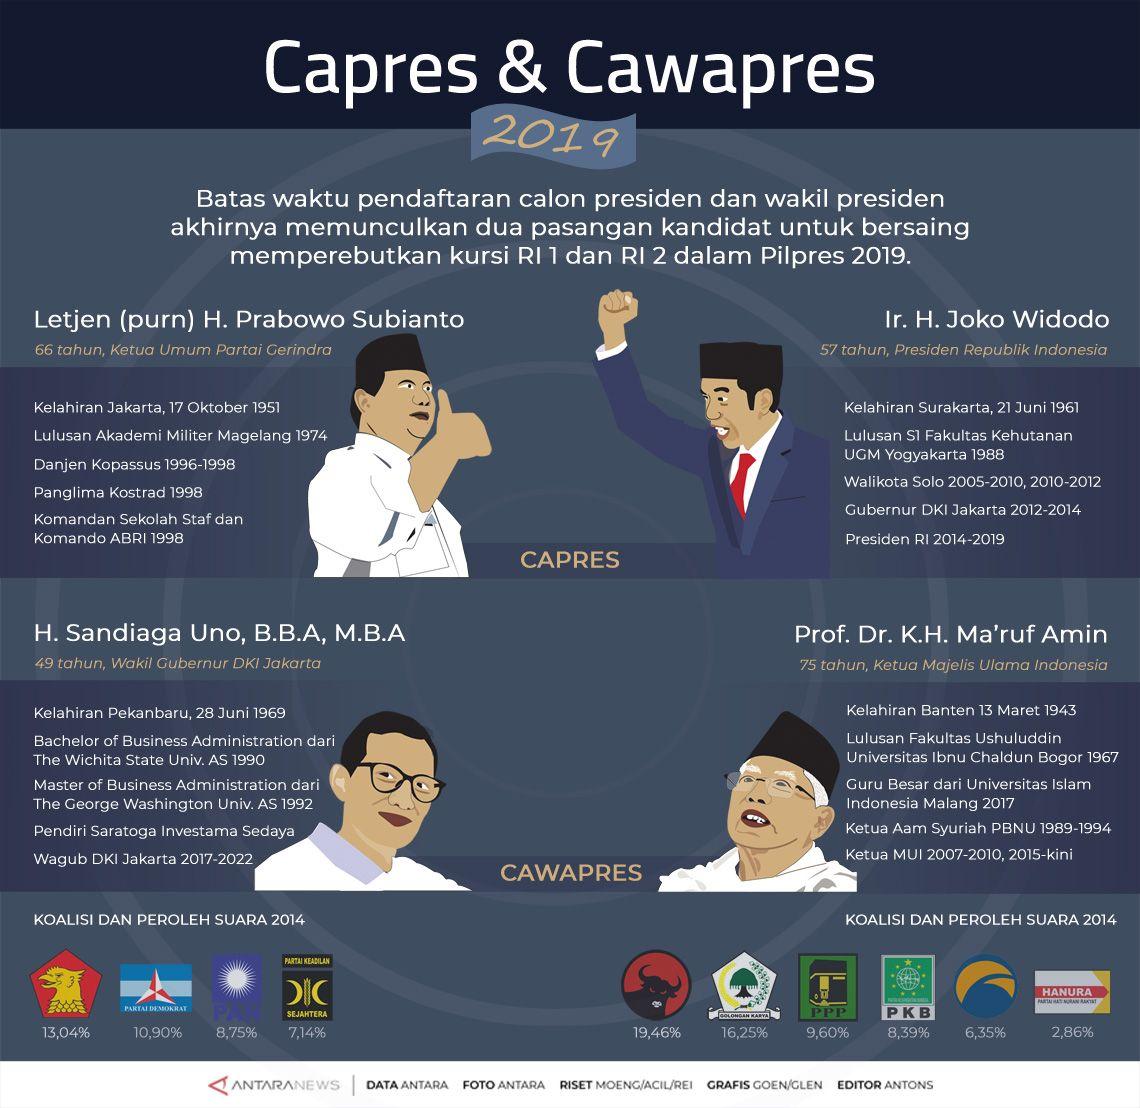 Capres & Cawapres Untuk 2019